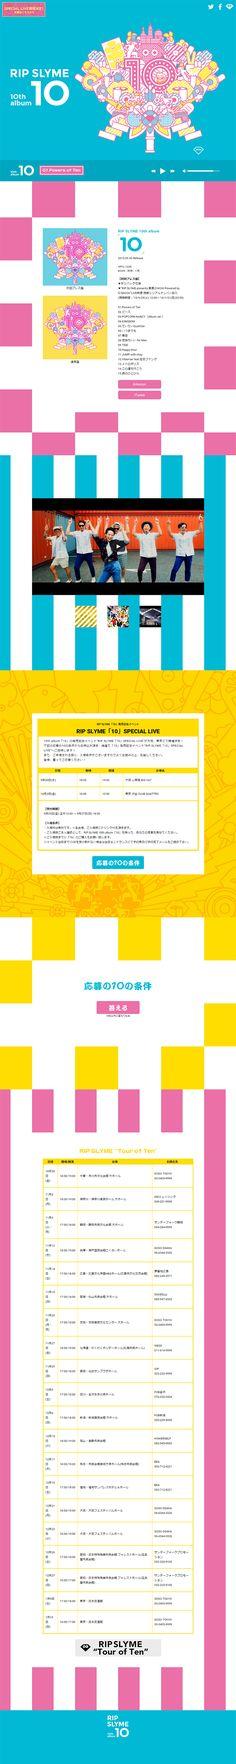 RIP SLYME「10」特設サイト【本・音楽・ゲーム関連】のLPデザイン。WEBデザイナーさん必見!ランディングページのデザイン参考に(にぎやか系)